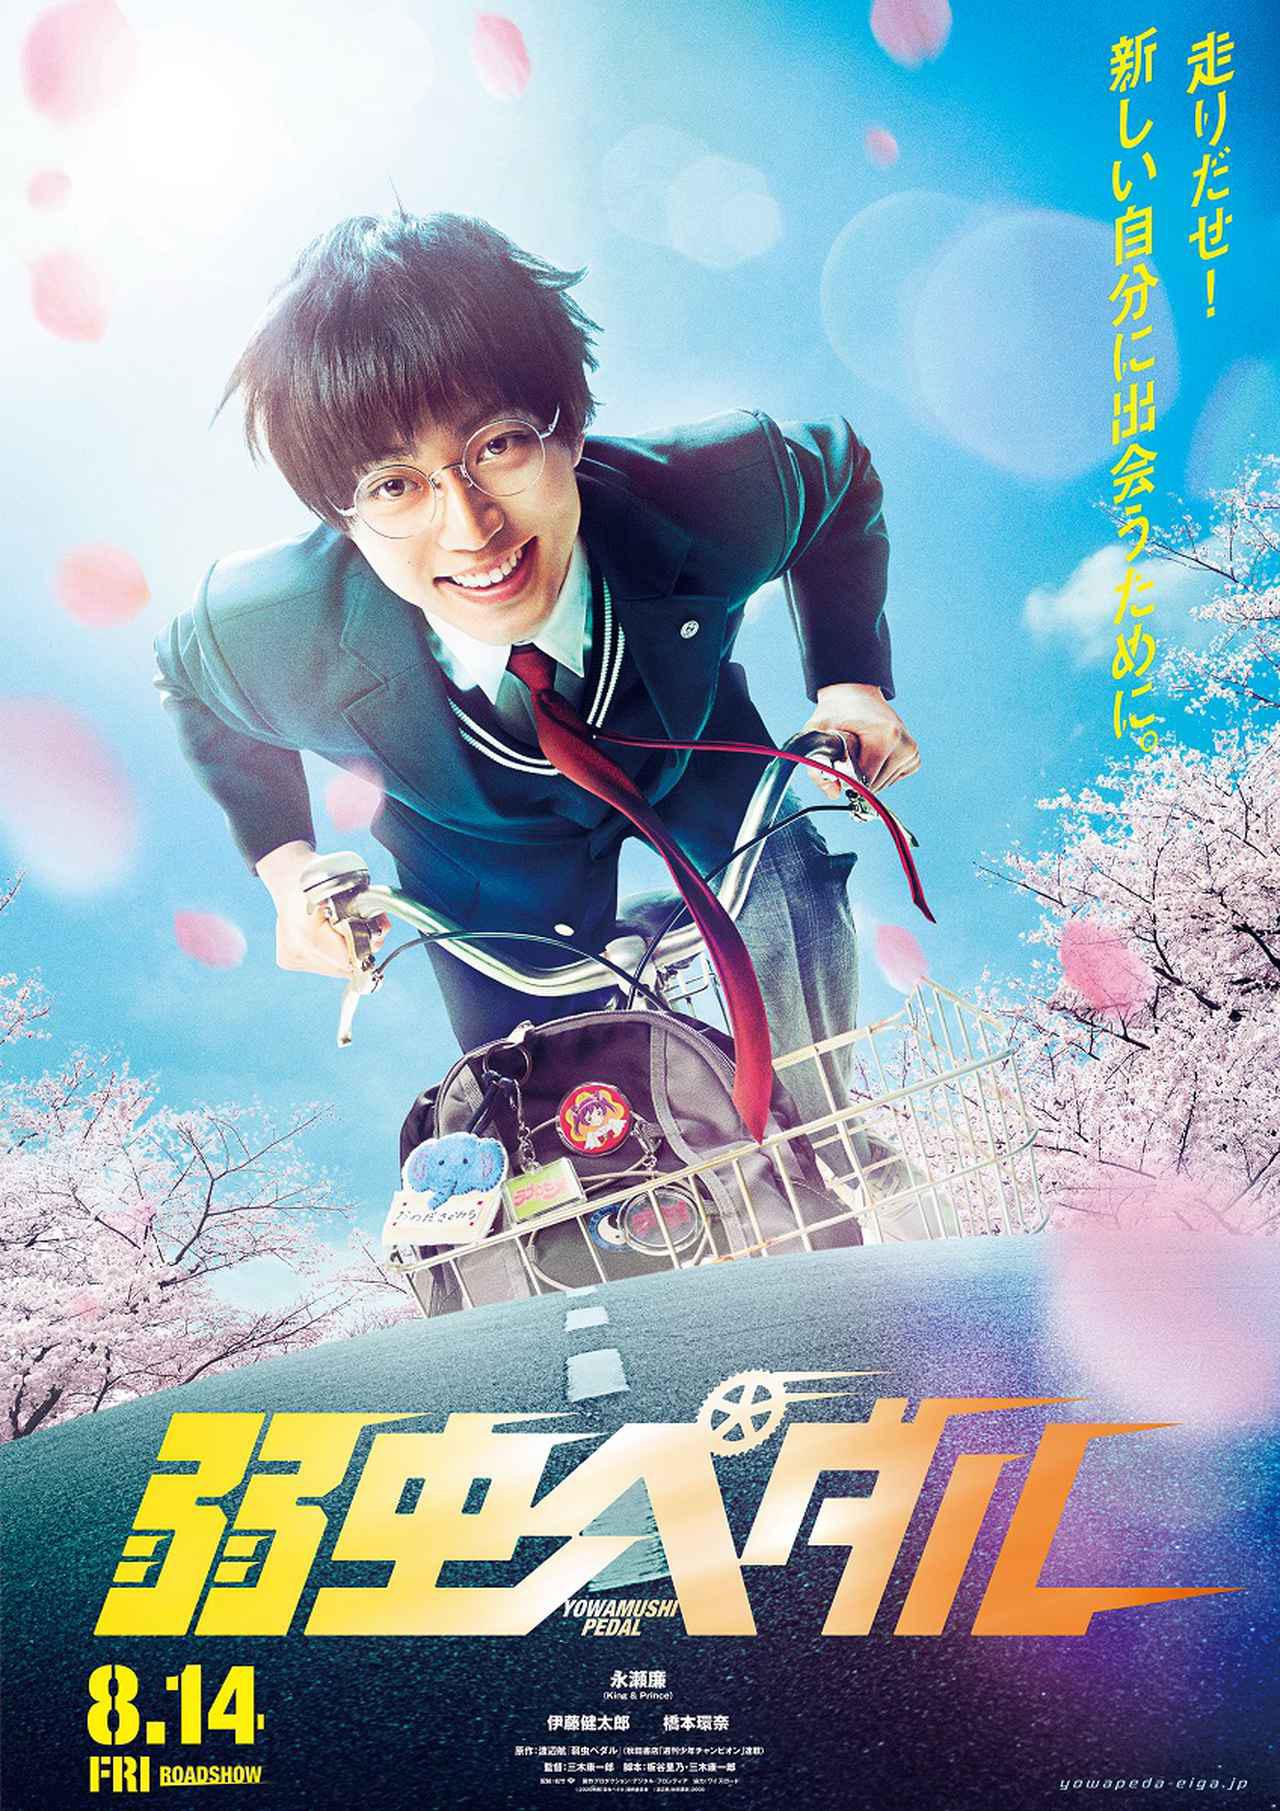 Imagem promocional do filme live-action de Yowamushi Pedal